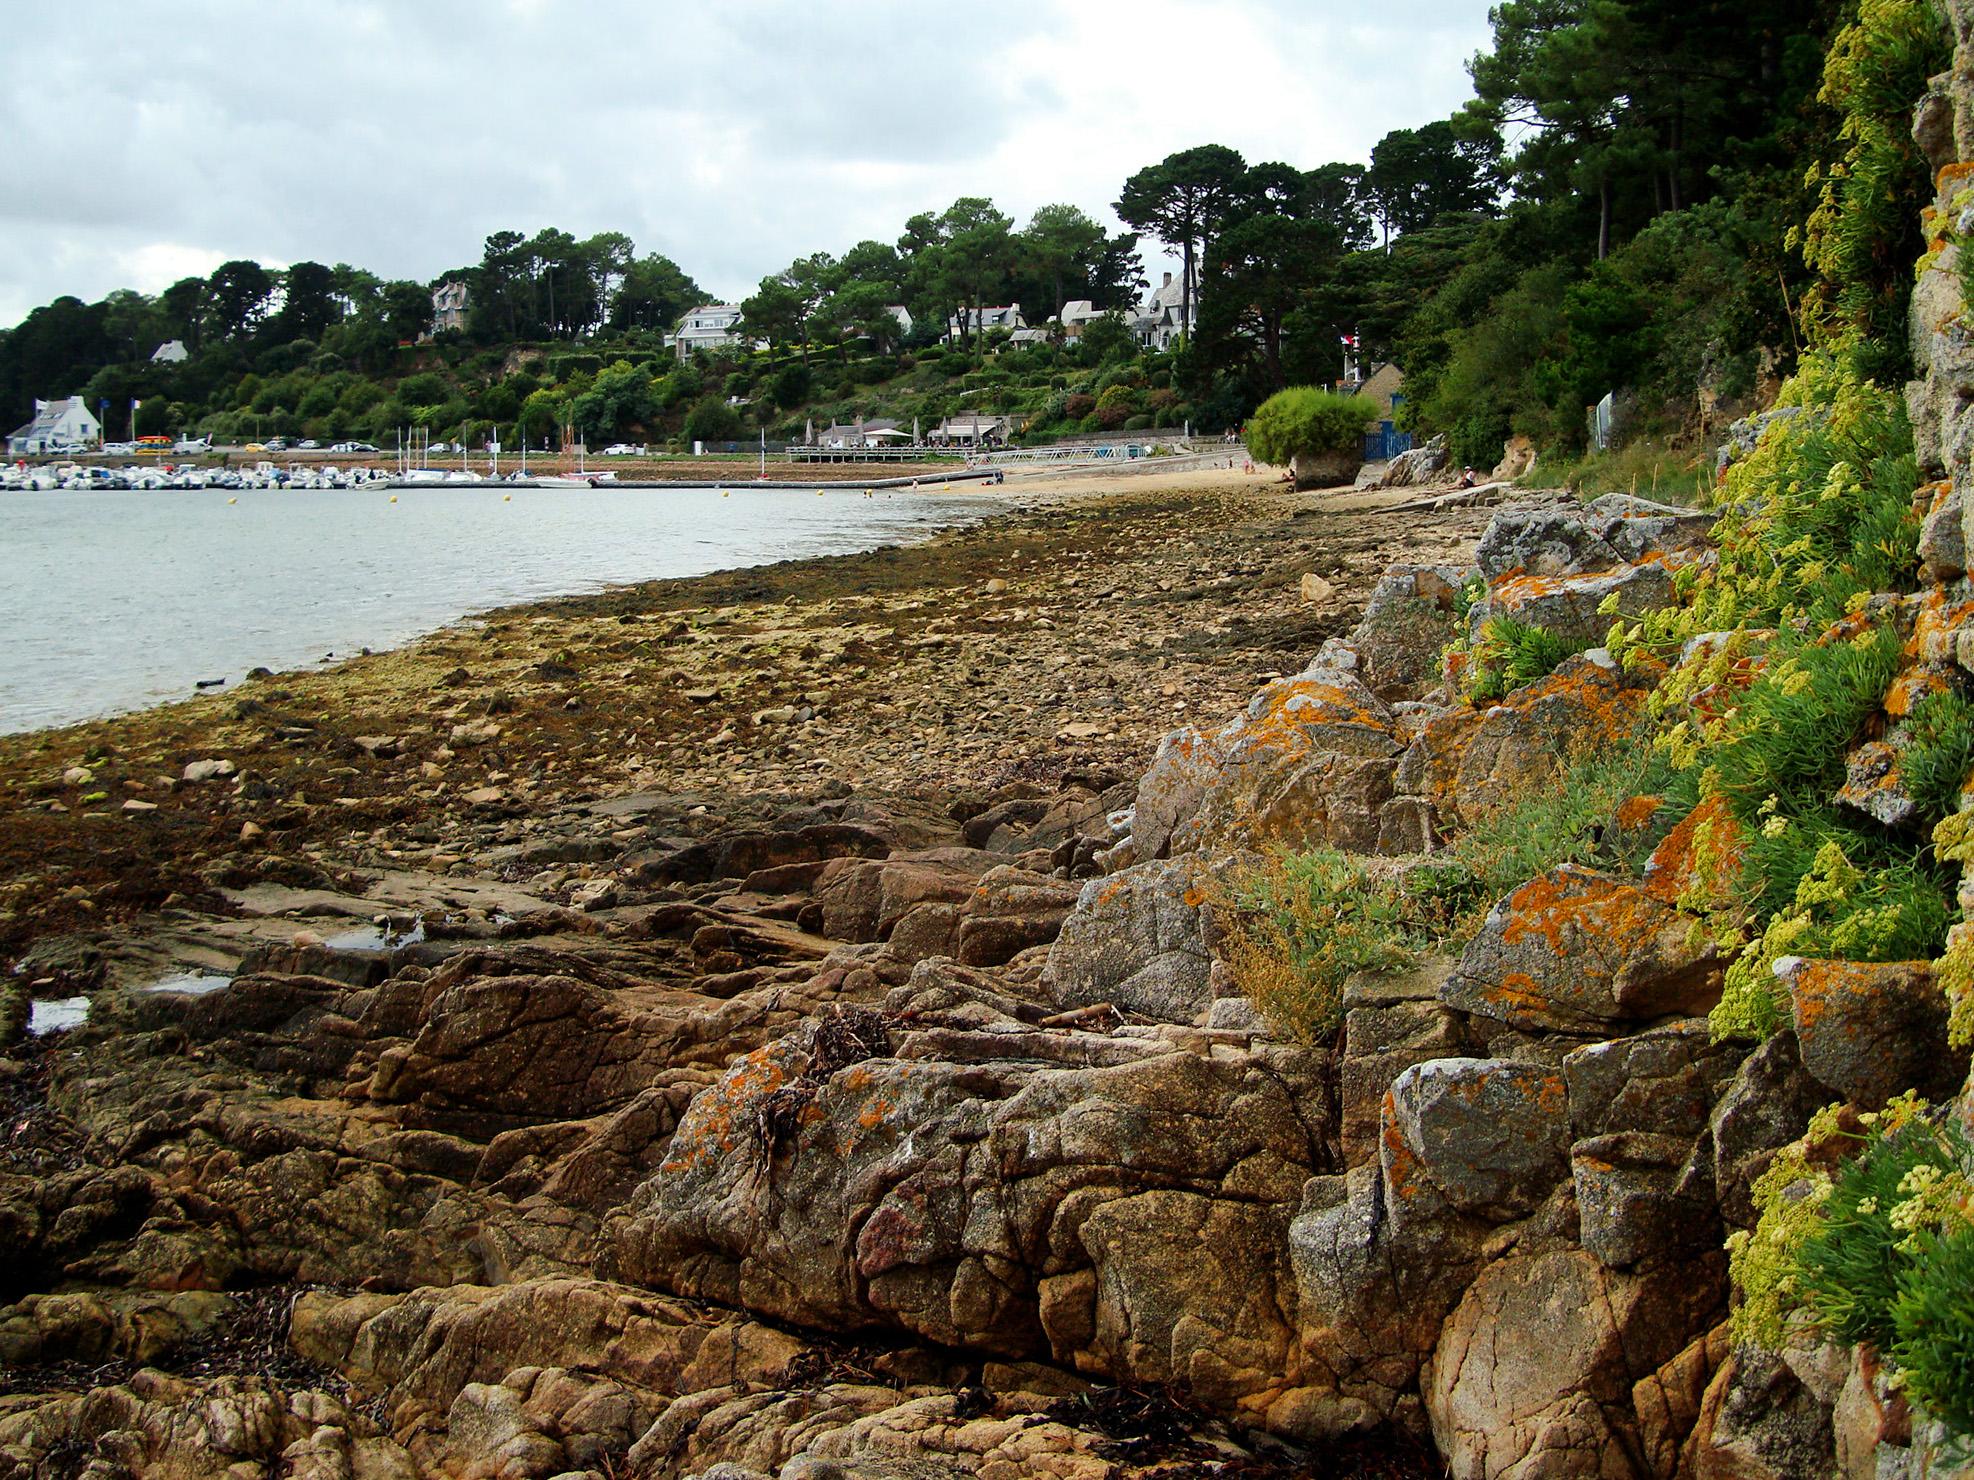 Nettoyage de plage au Port d'Arradon